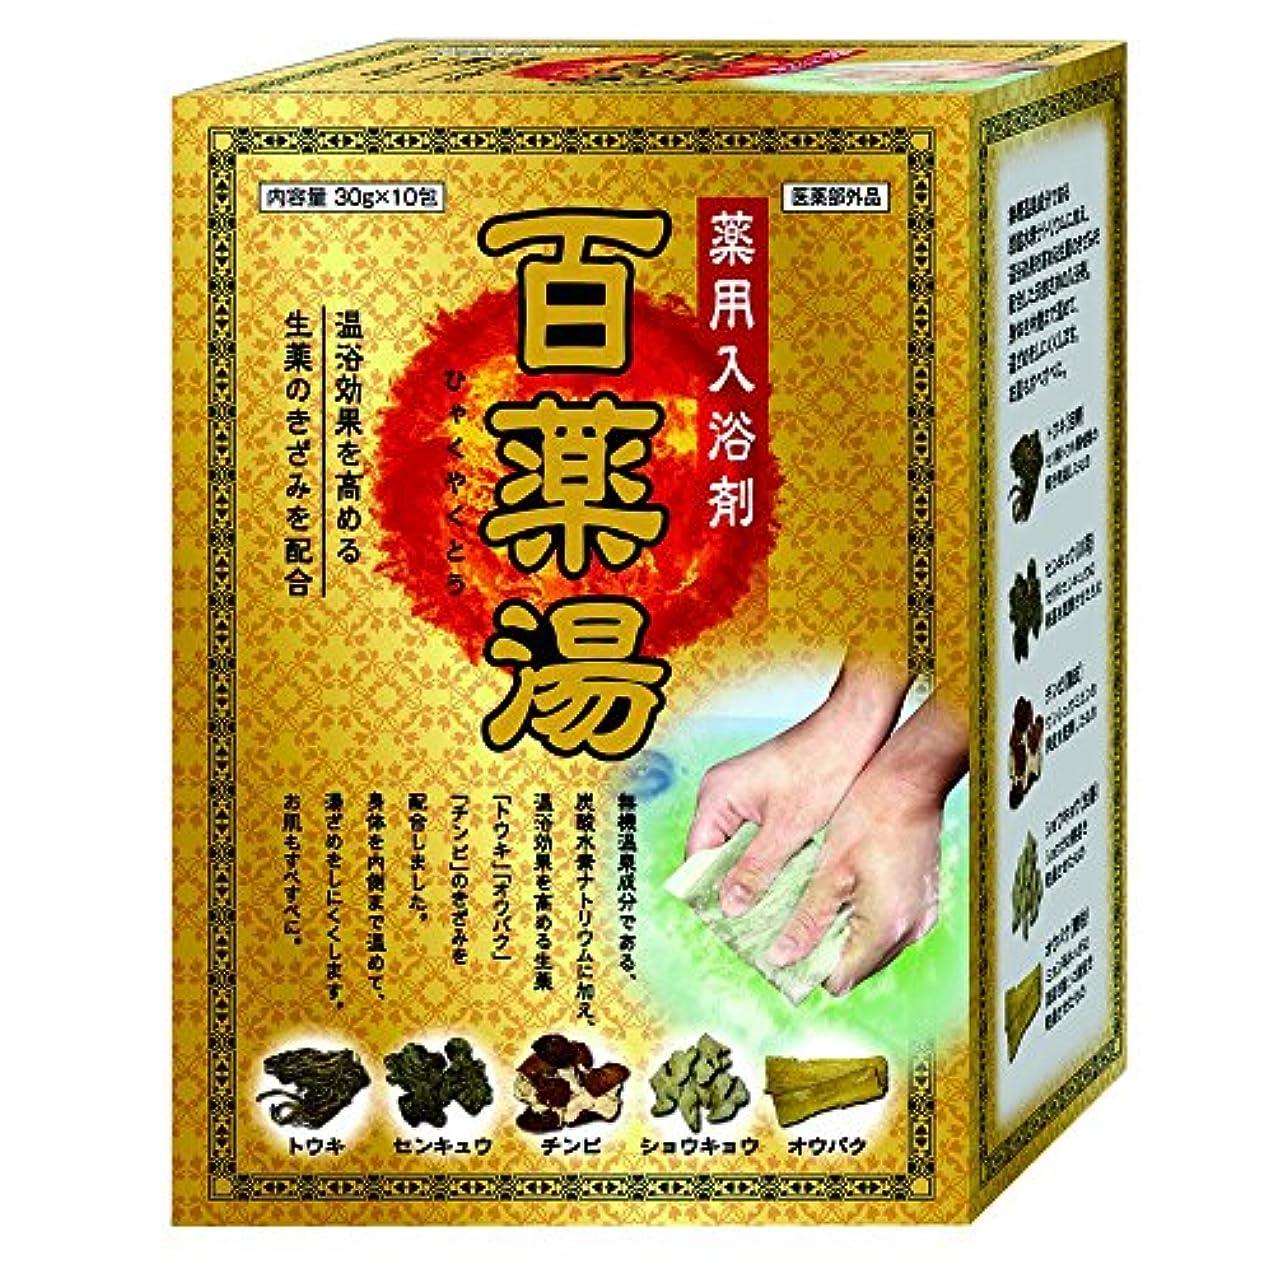 忠実な許さない赤外線百薬湯 薬用入浴剤 温浴効果を高める生薬のきざみを配合 30g×10包 (医薬部外品)